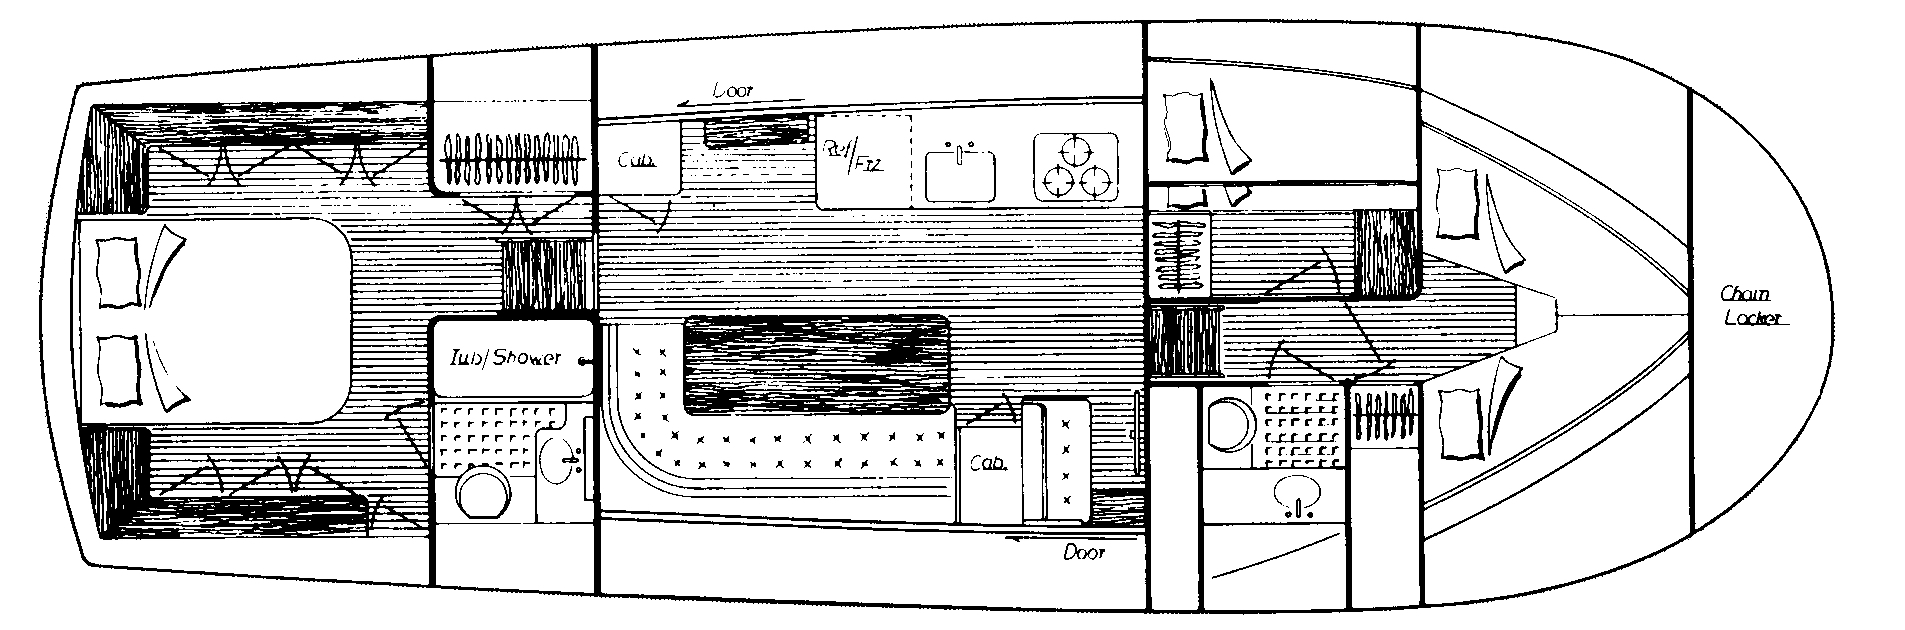 Albin 43 Trawler Floor Plan 2